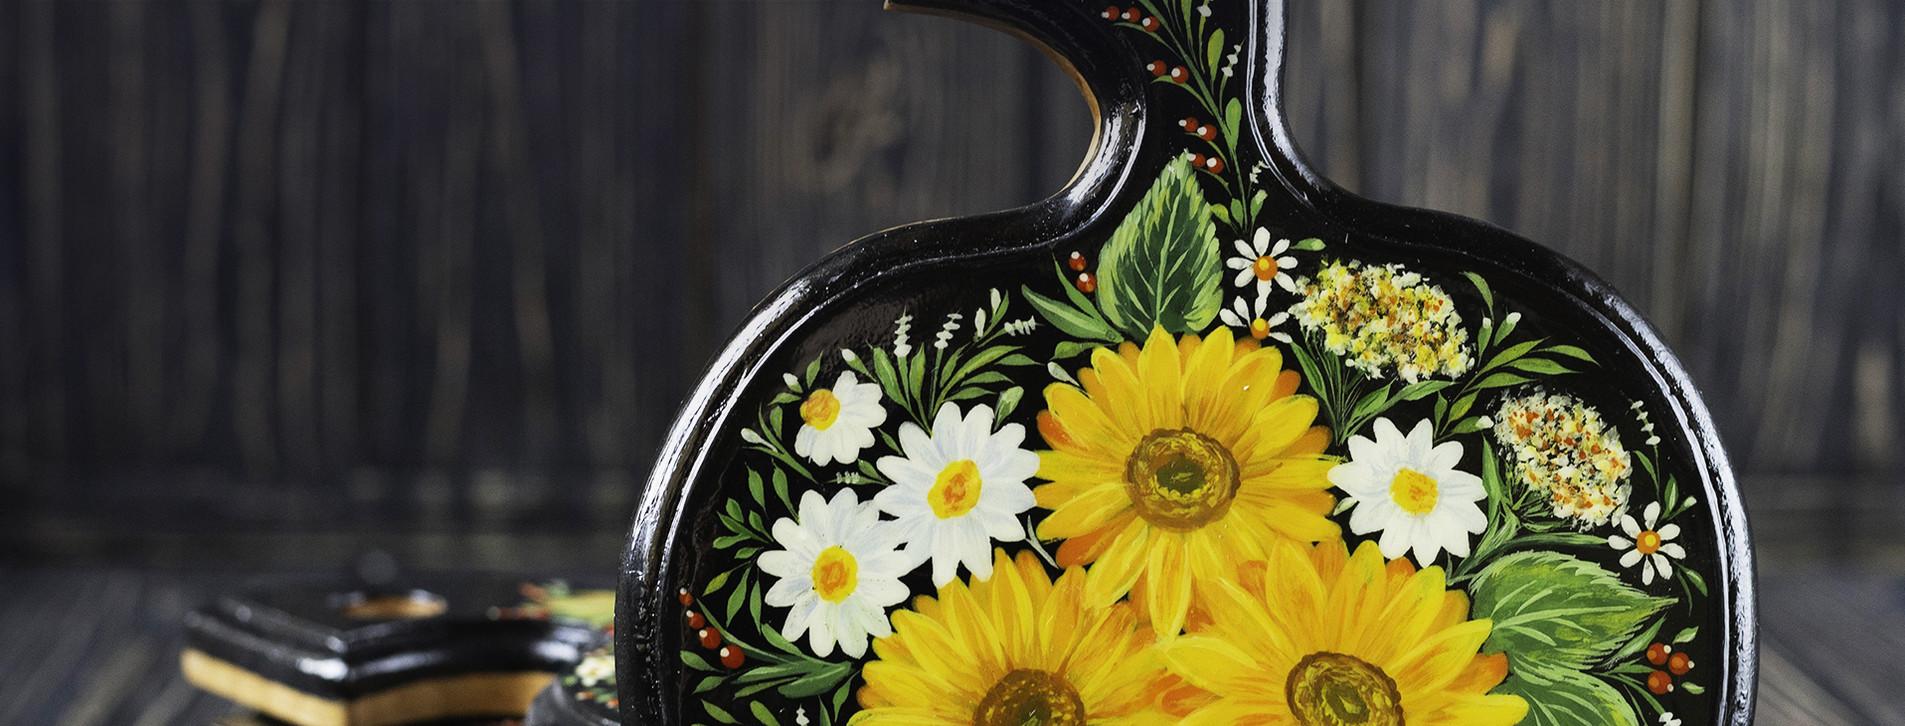 Фото 1 - Мастер-класс петриковской росписи для двоих